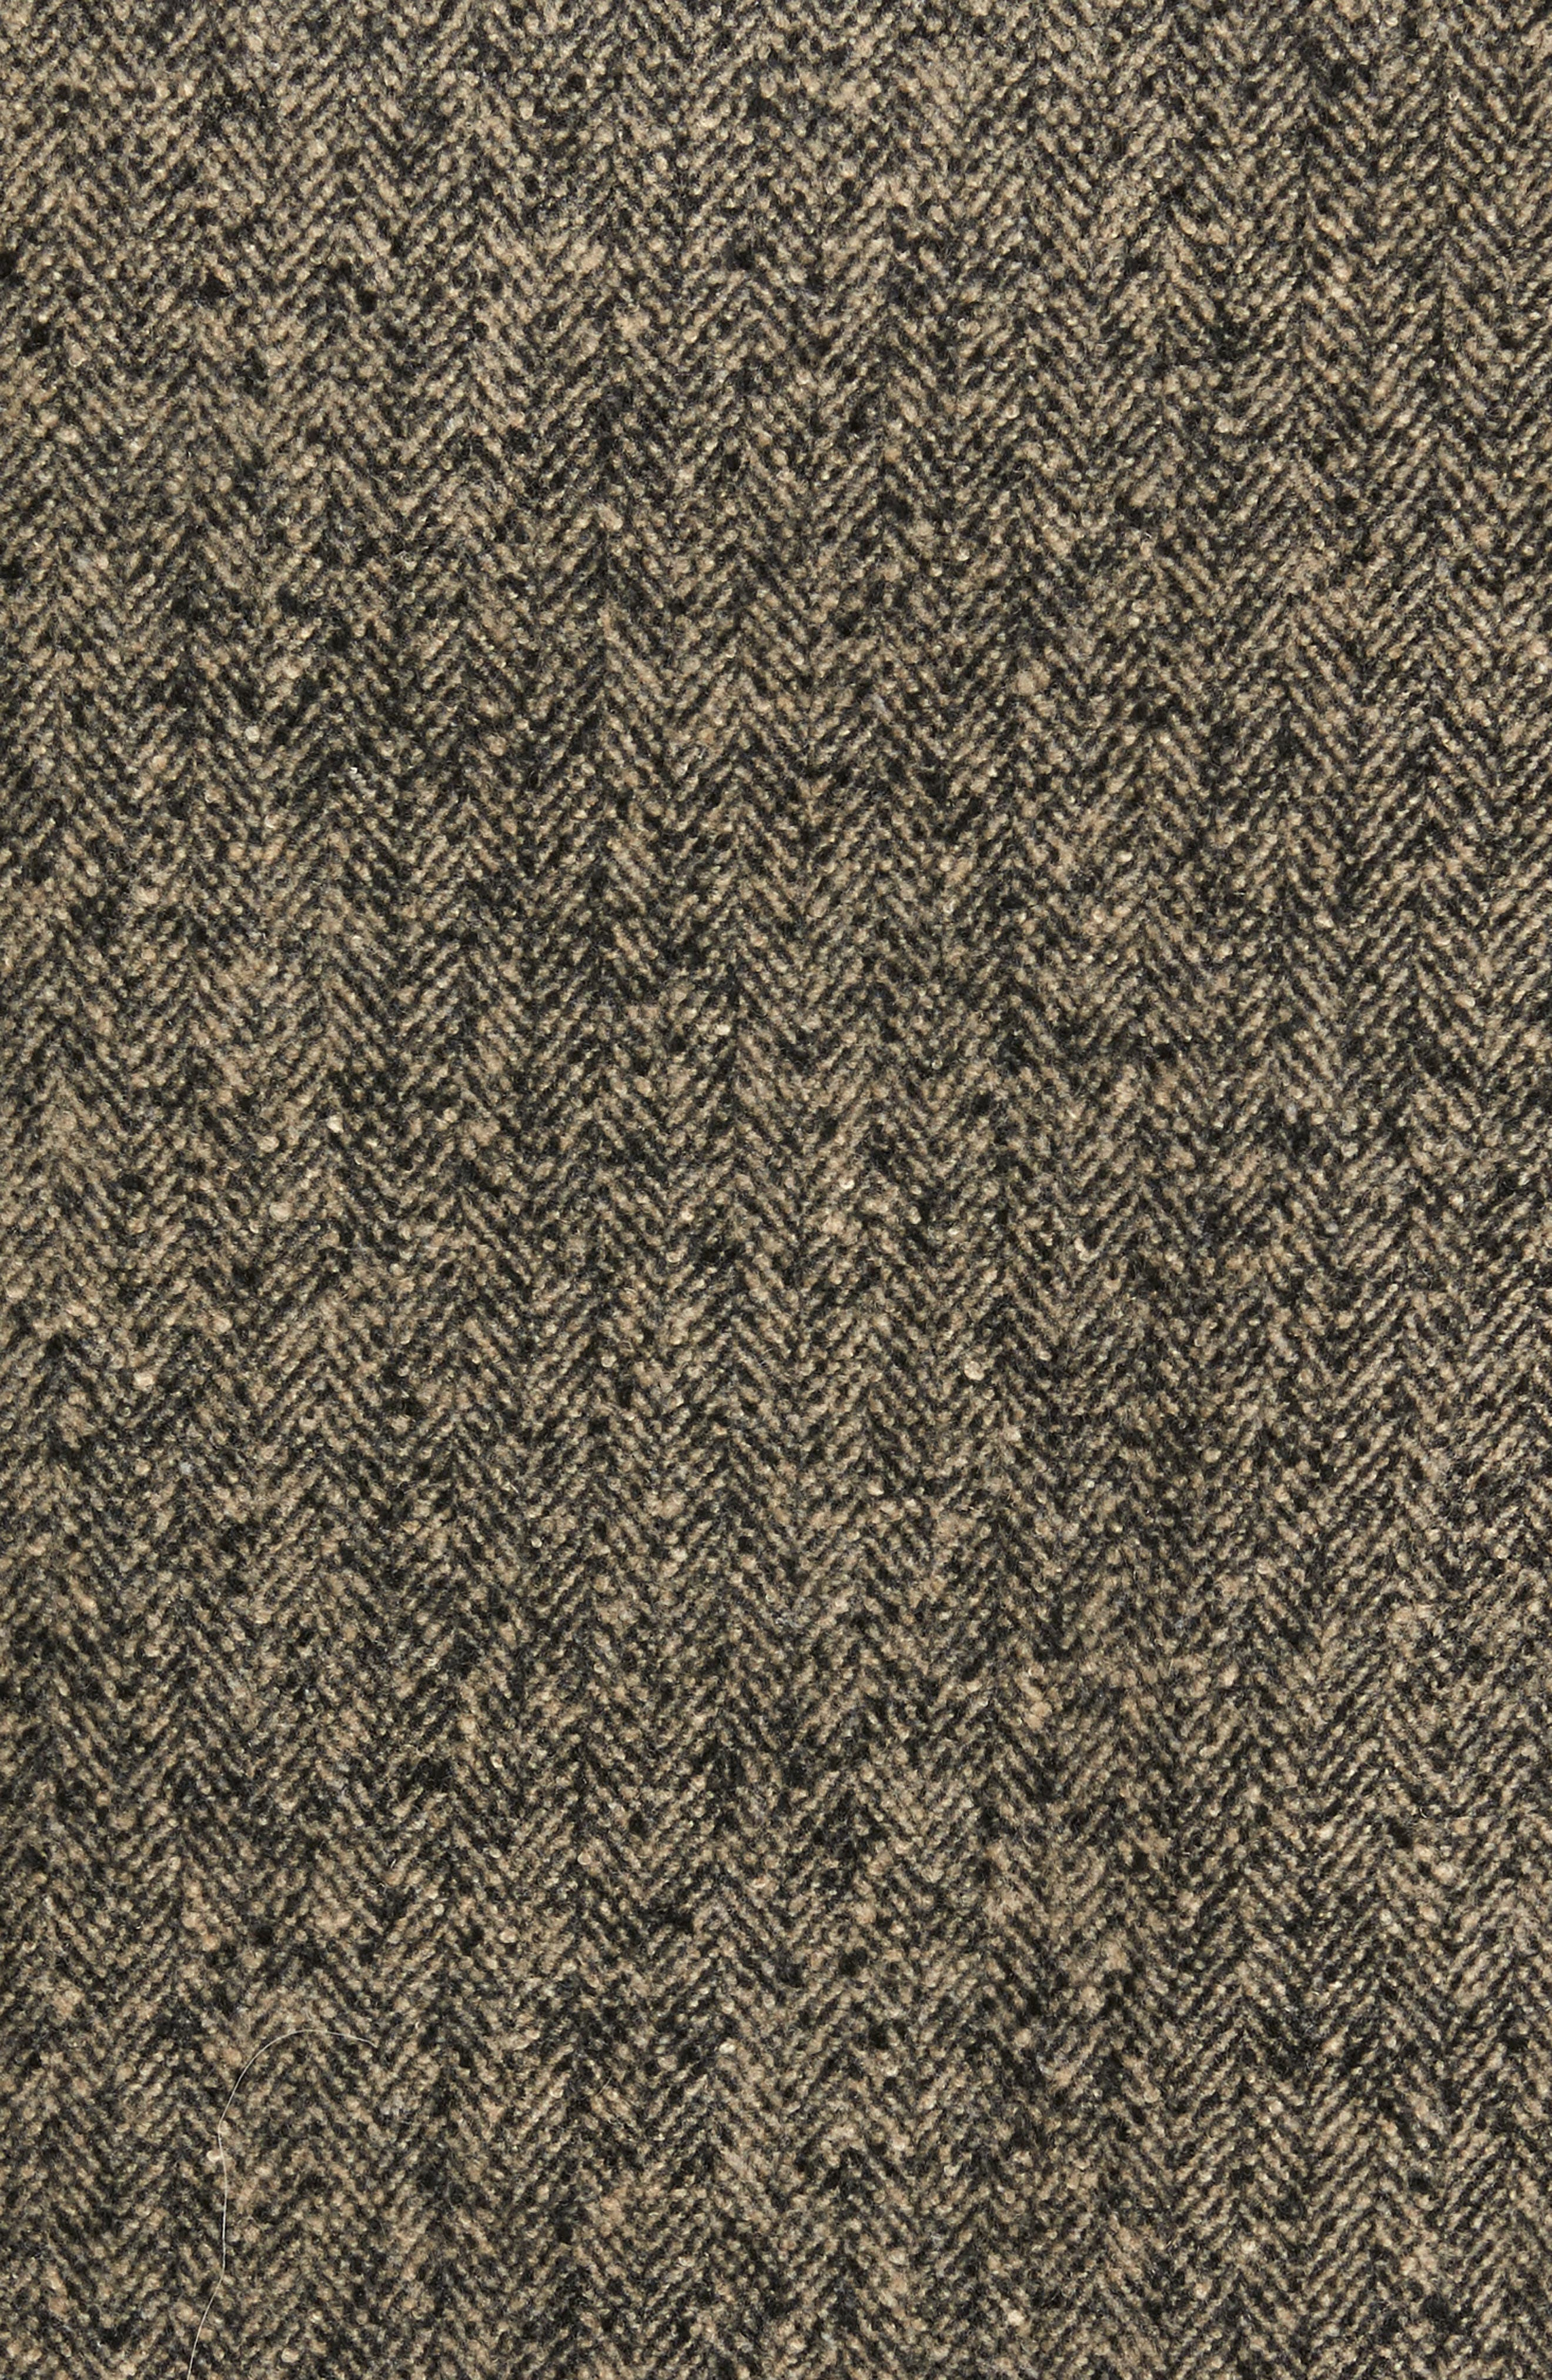 Sanford Herringbone Vest,                             Alternate thumbnail 6, color,                             200